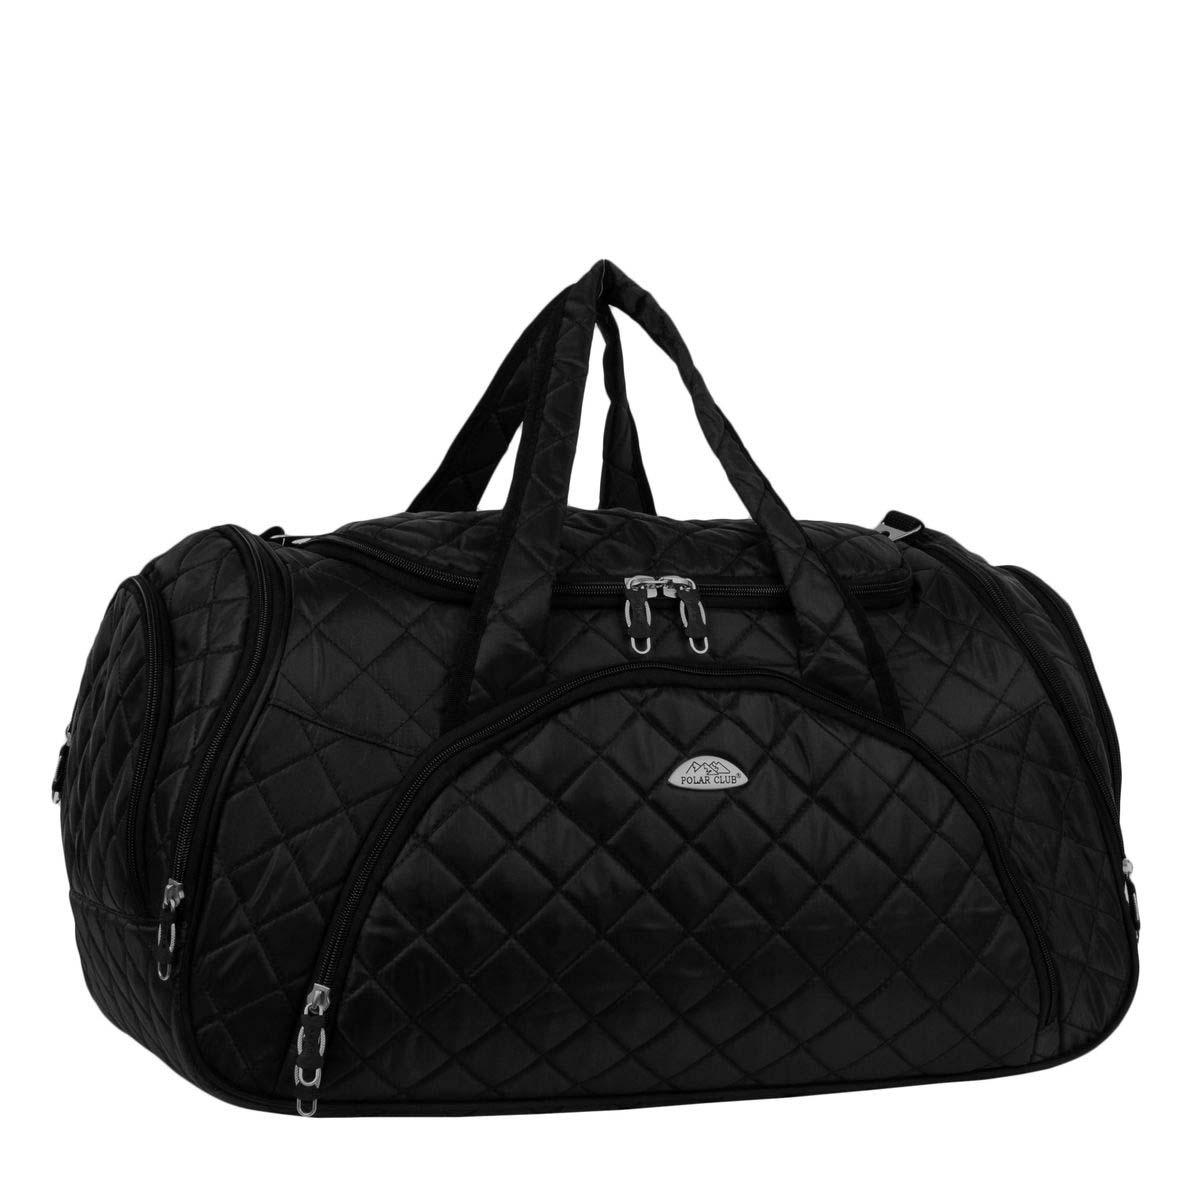 Сумка дорожная Polar, цвет: черный, 35 л. 70697069Вместительная и удобная дорожная сумка Polar выполнена из полиэстера. Основное отделение закрывается на молнию. Один из боковых карманов предназначен для обуви, мокрых вещей. Дополнительно снаружи расположен большой карман на молнии спереди сумки и небольшие карманы по бокам. Сумка имеет мягкую конструкцию. В комплекте регулируемый съемный плечевой ремень.